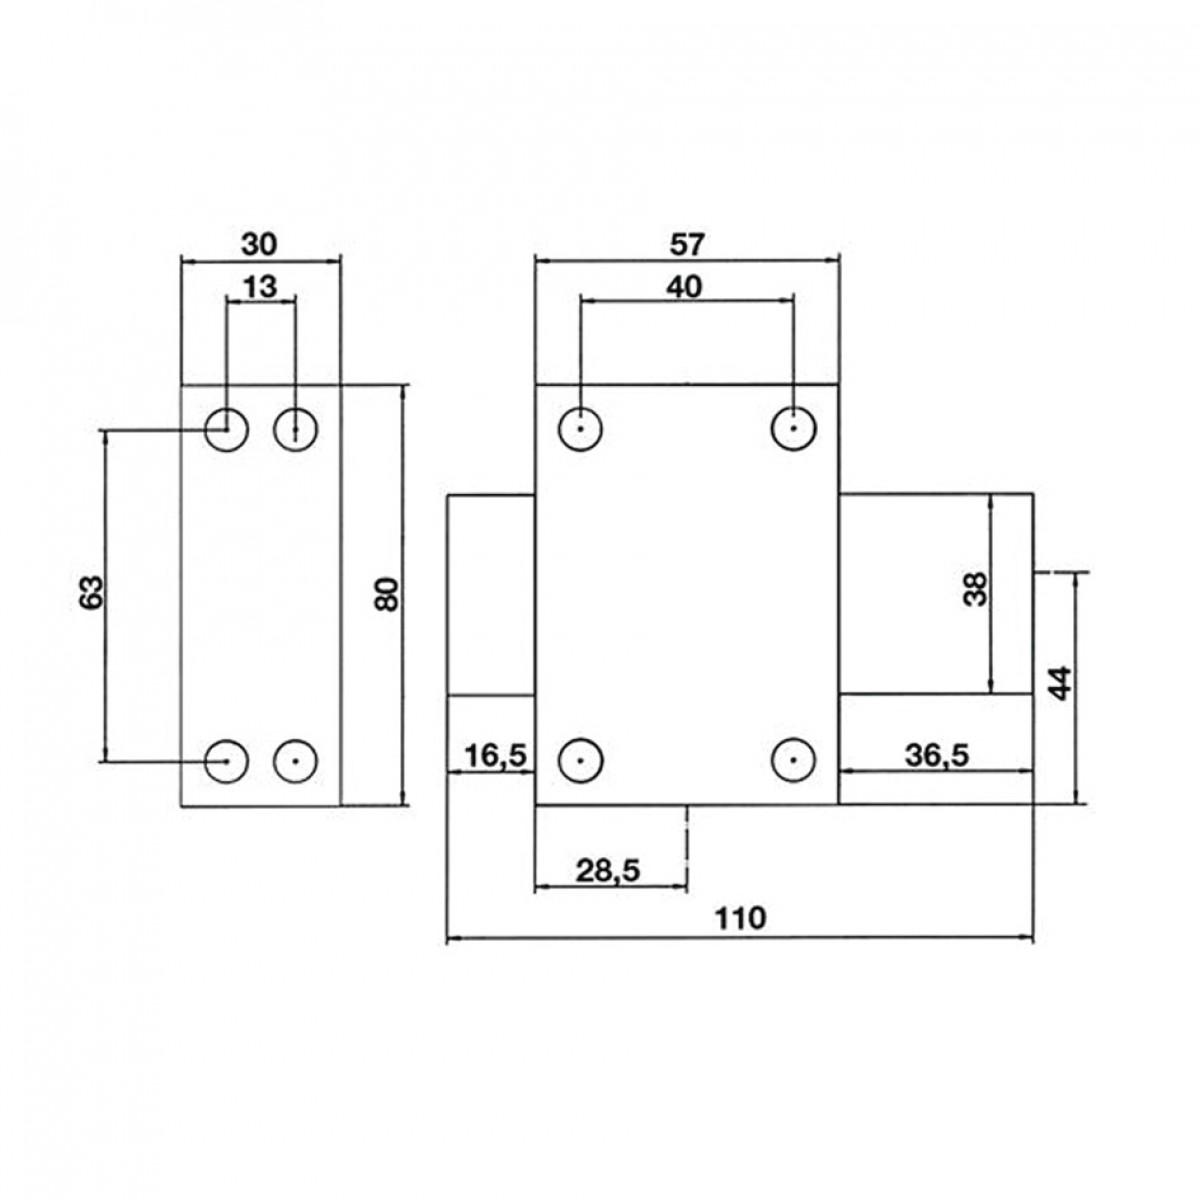 Verrou de sureté bouton et cylindre série Eclador Vachette - Longueur 40 mm